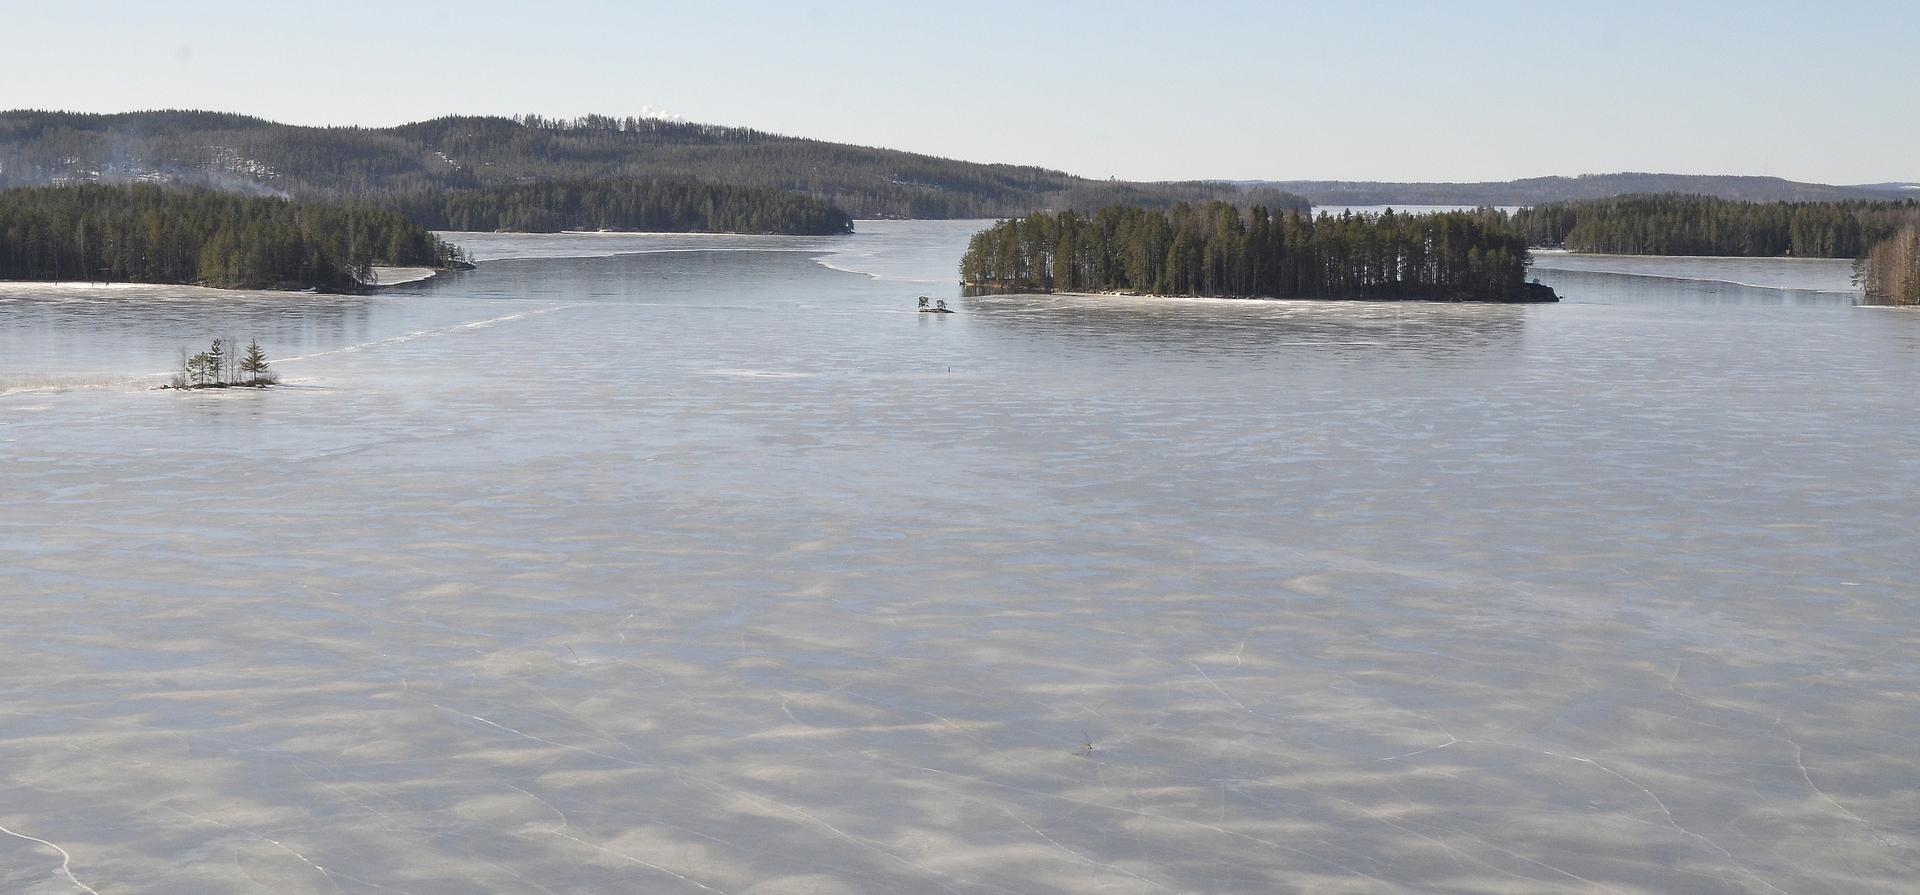 Ukonsaari Ukonsalmessa Äänekoskea kohti mennessä.